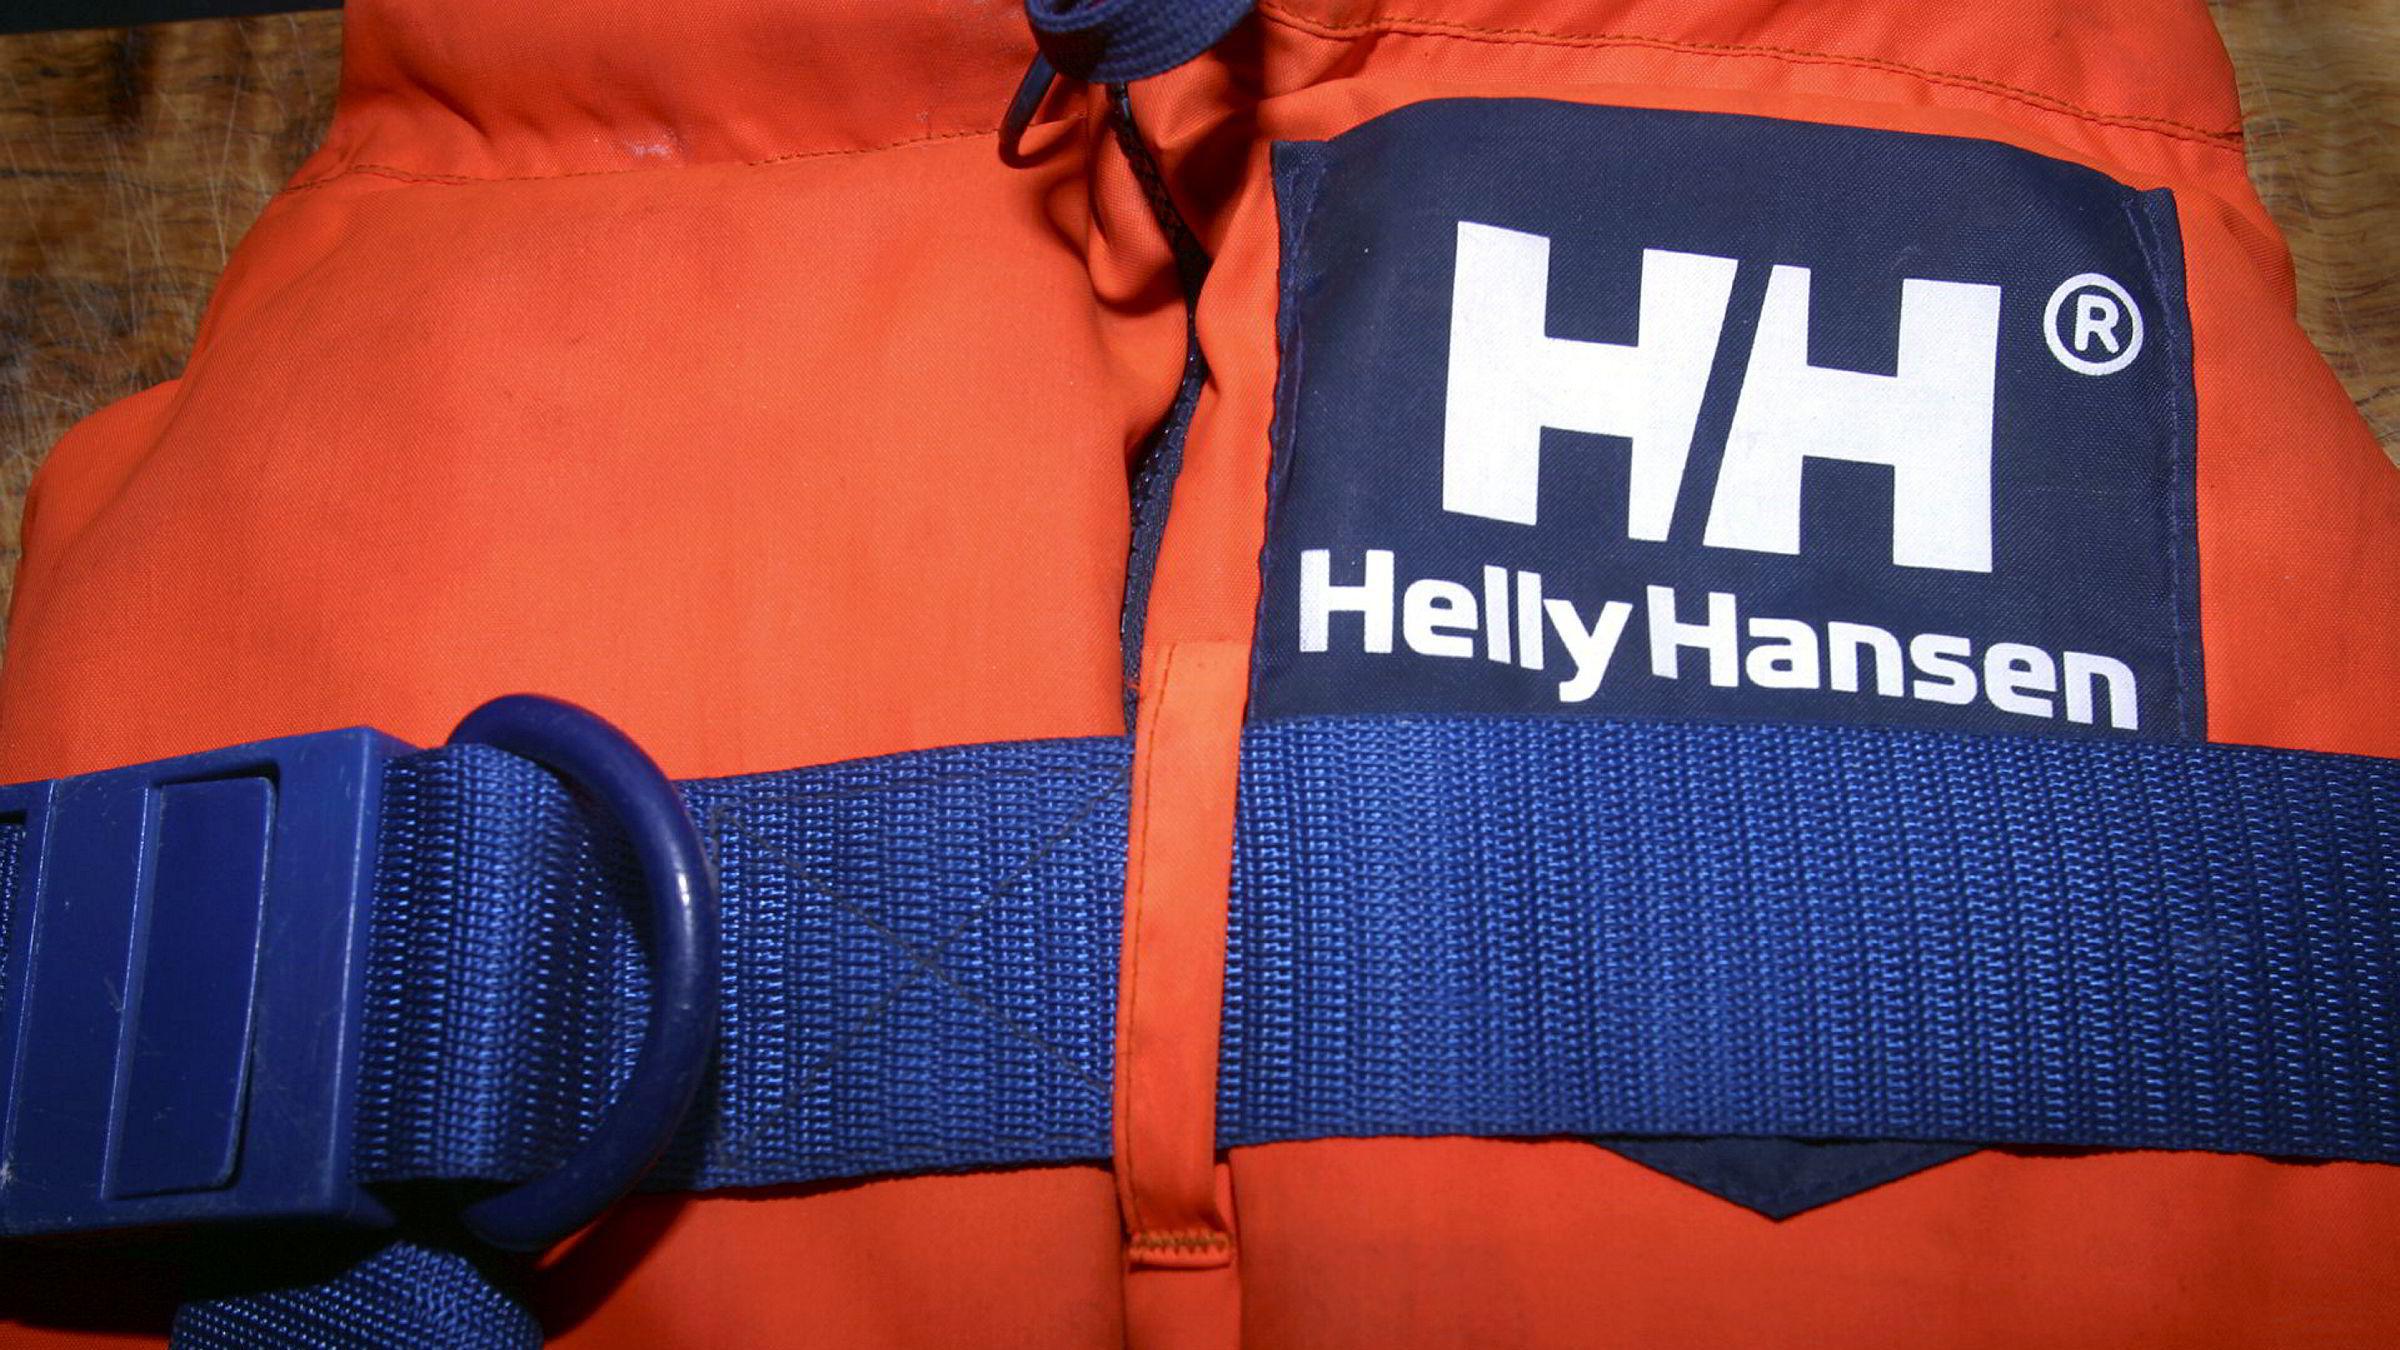 b1206cad Helly Hansen startet i Moss med maritim bekledning og sikkerhetsutstyr. Nå  er selskapet også stort